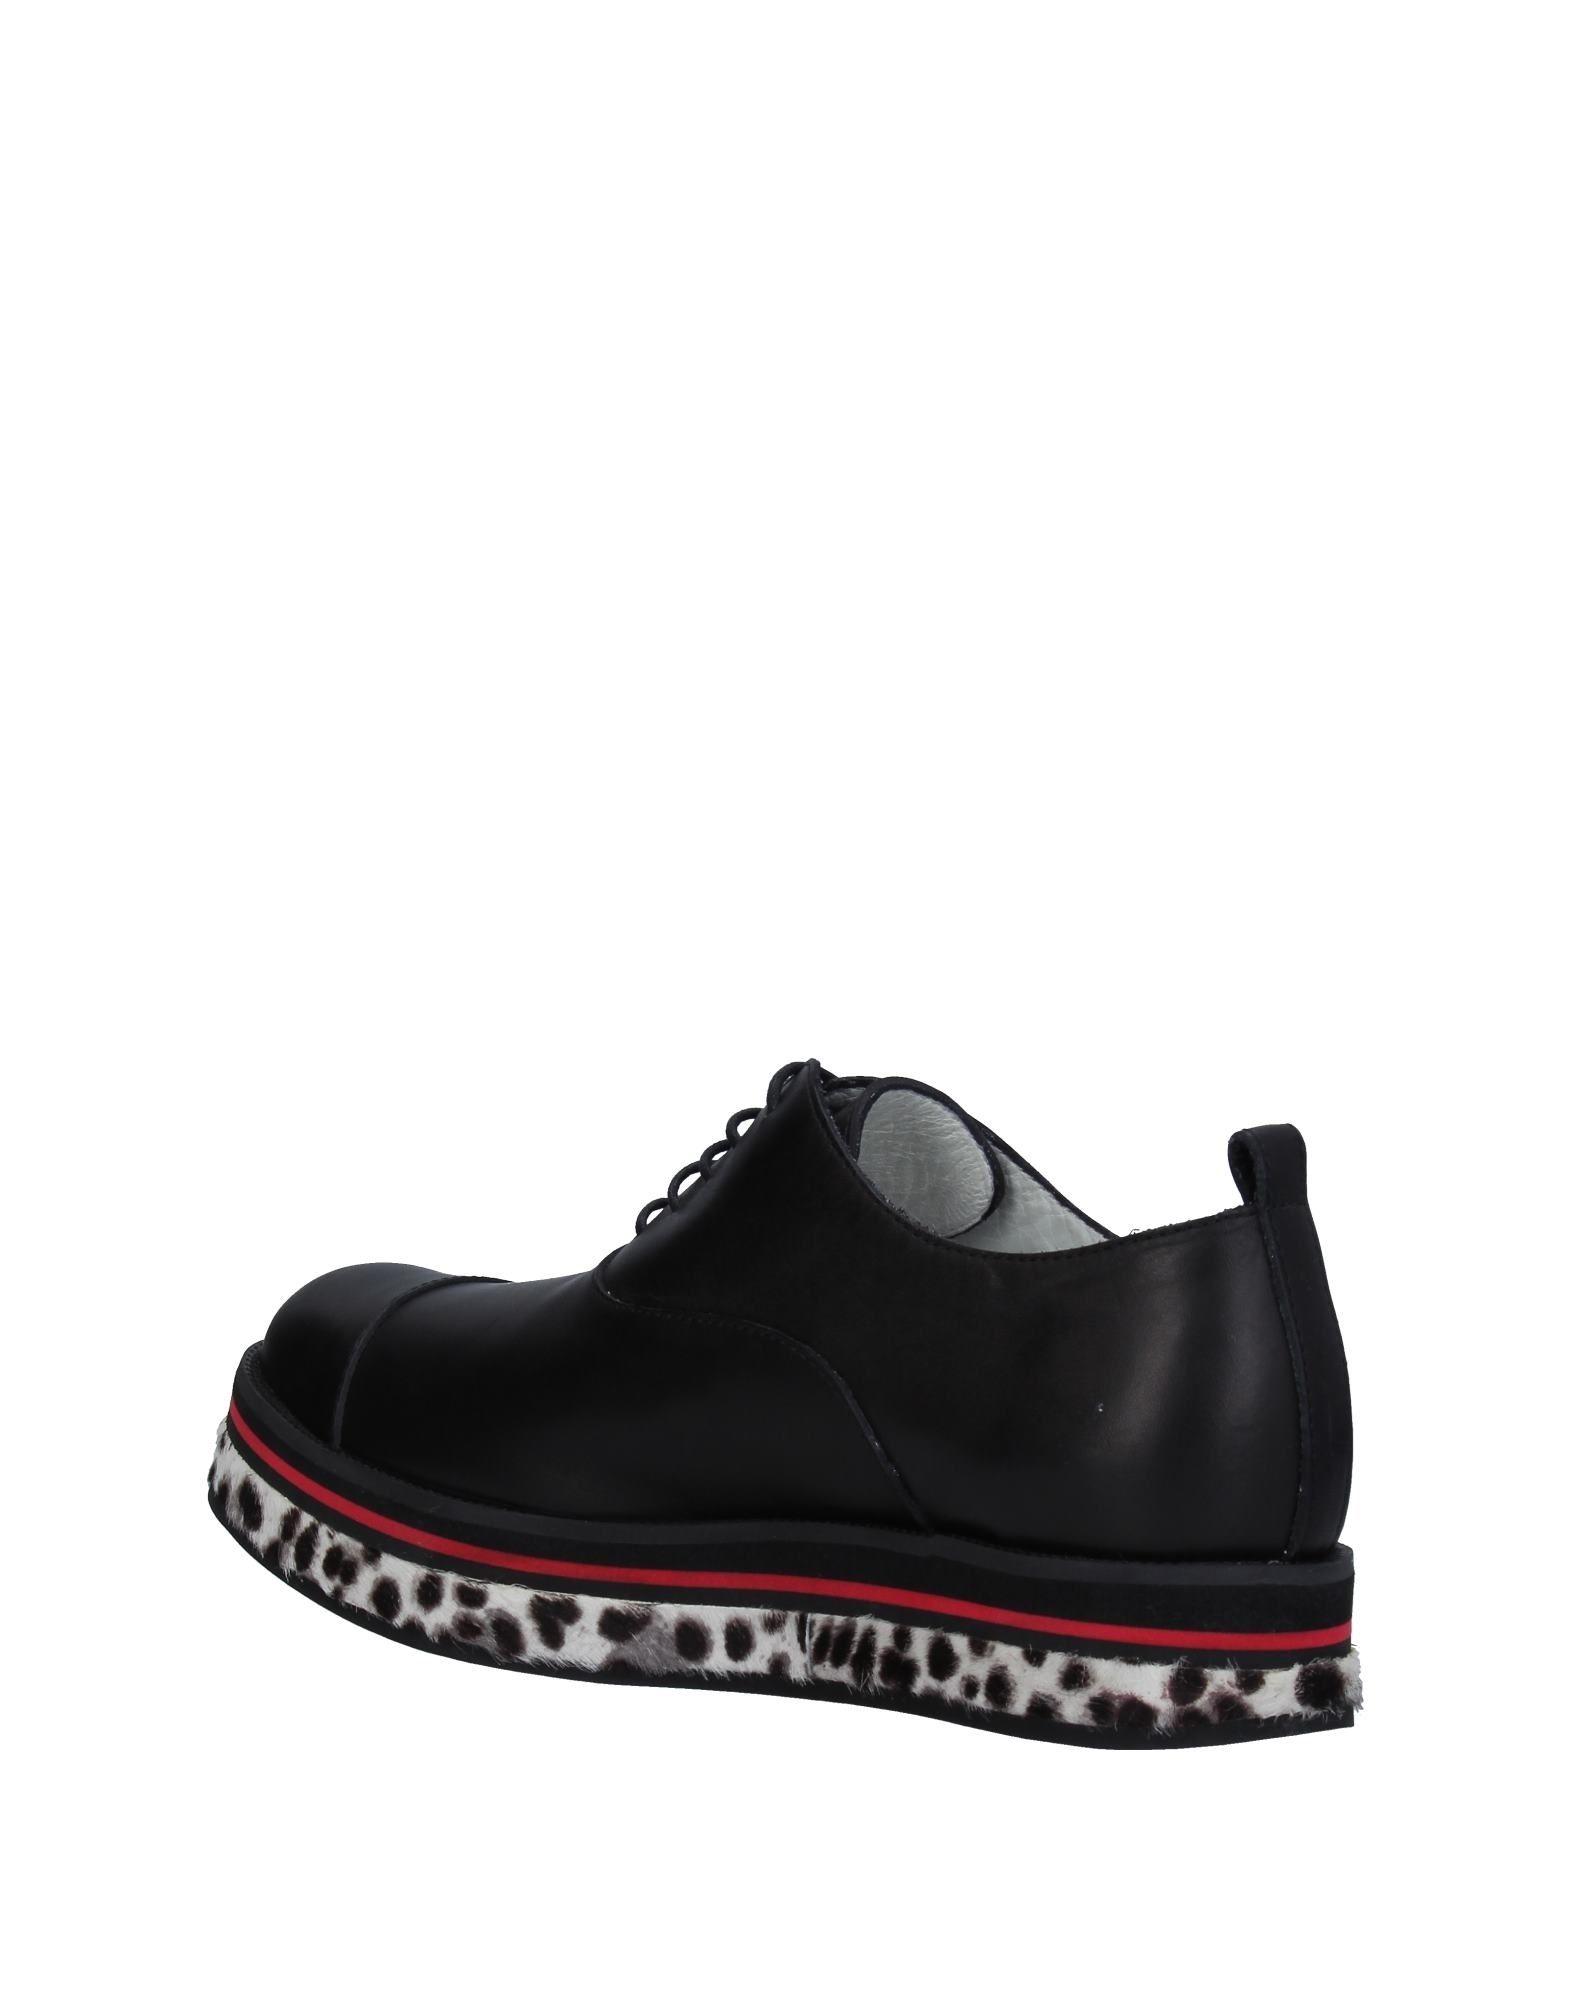 CHAUSSURES - Chaussures à lacetsErmanno Scervino 5aIK4Lppay